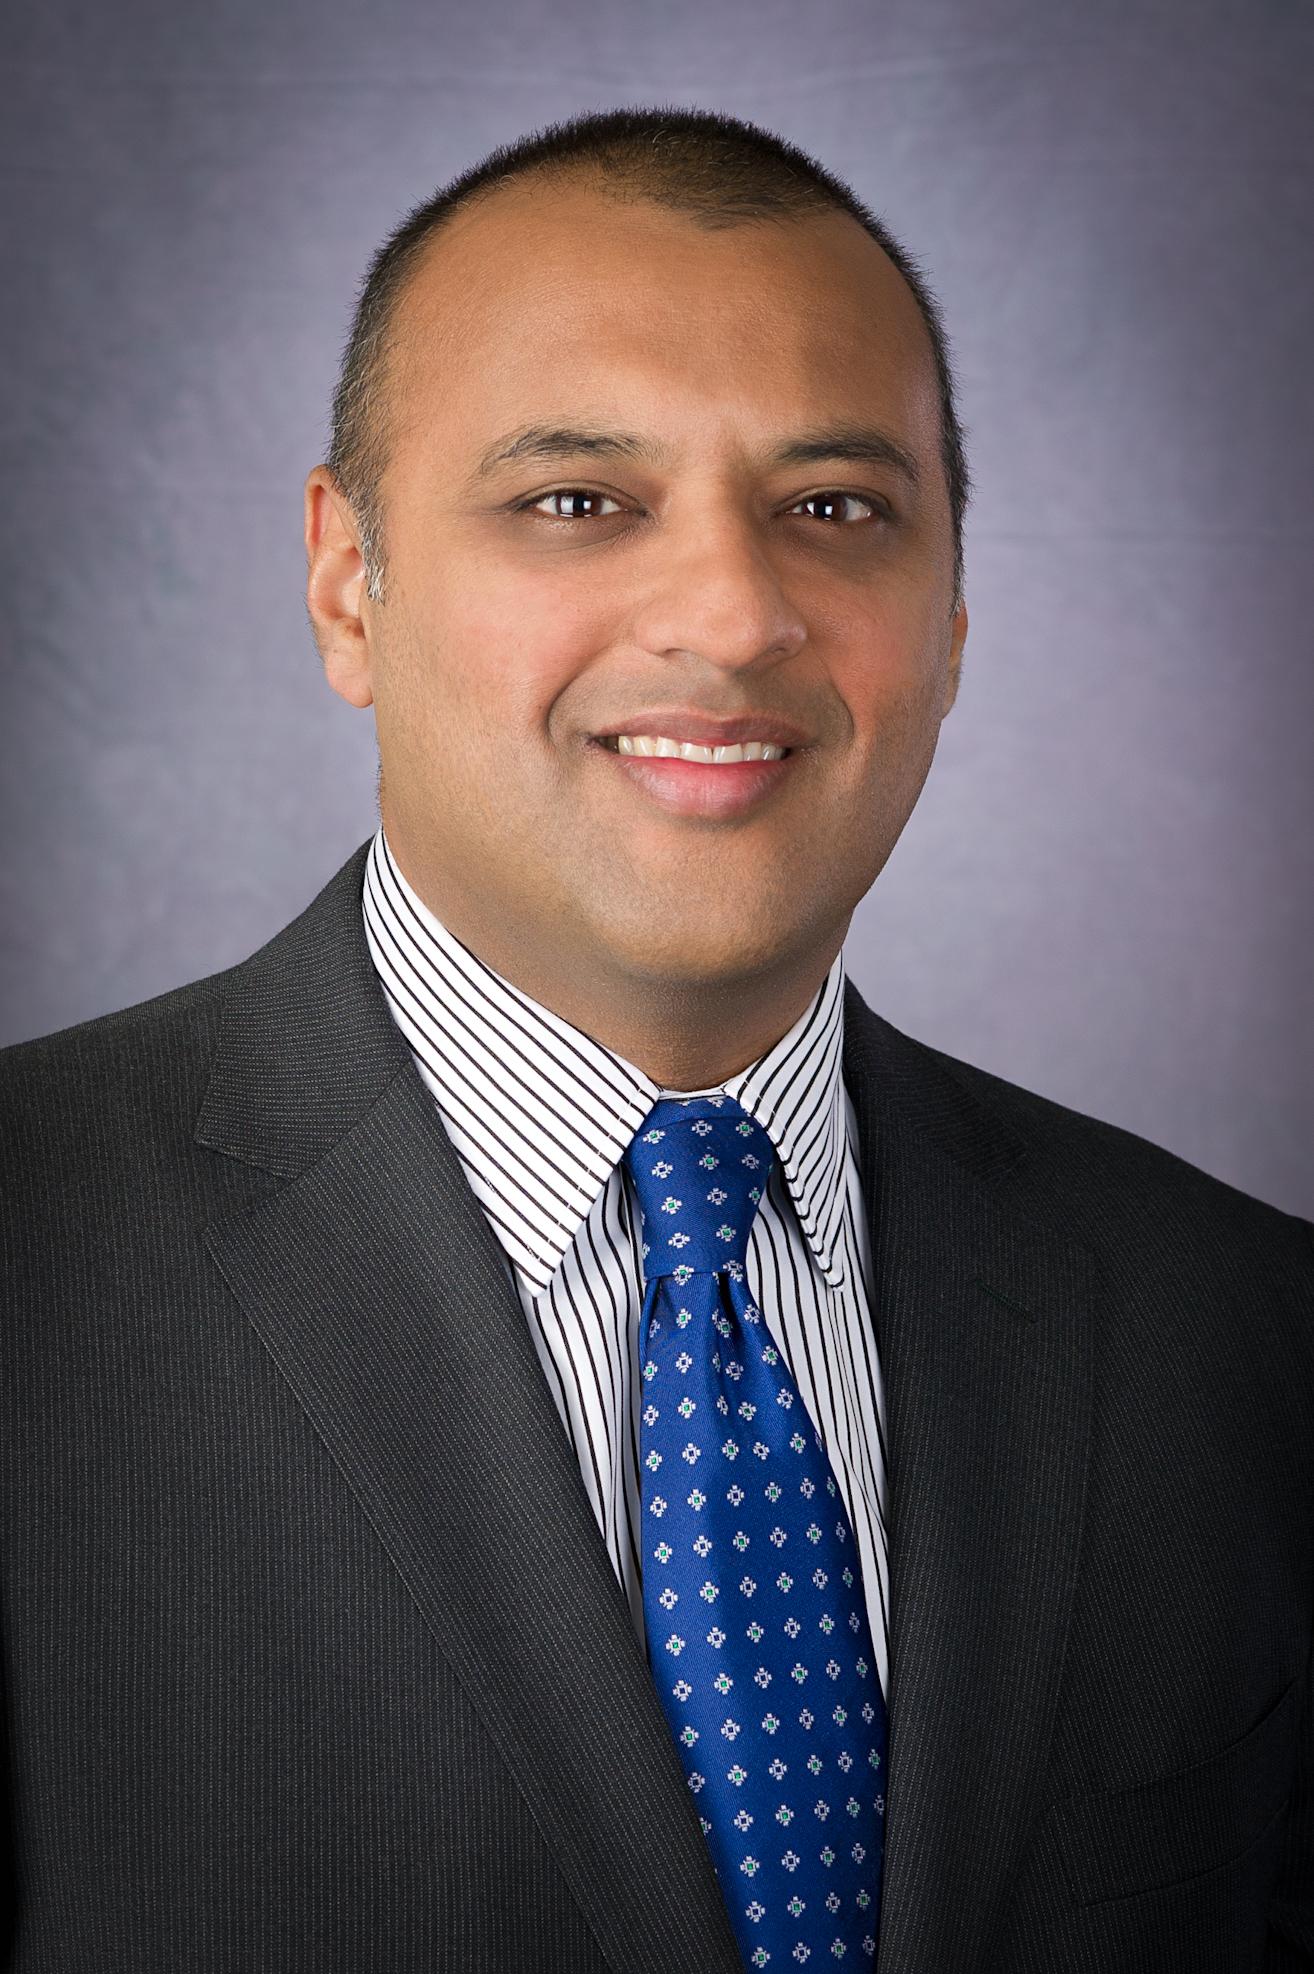 Dr. Saleem Zafar